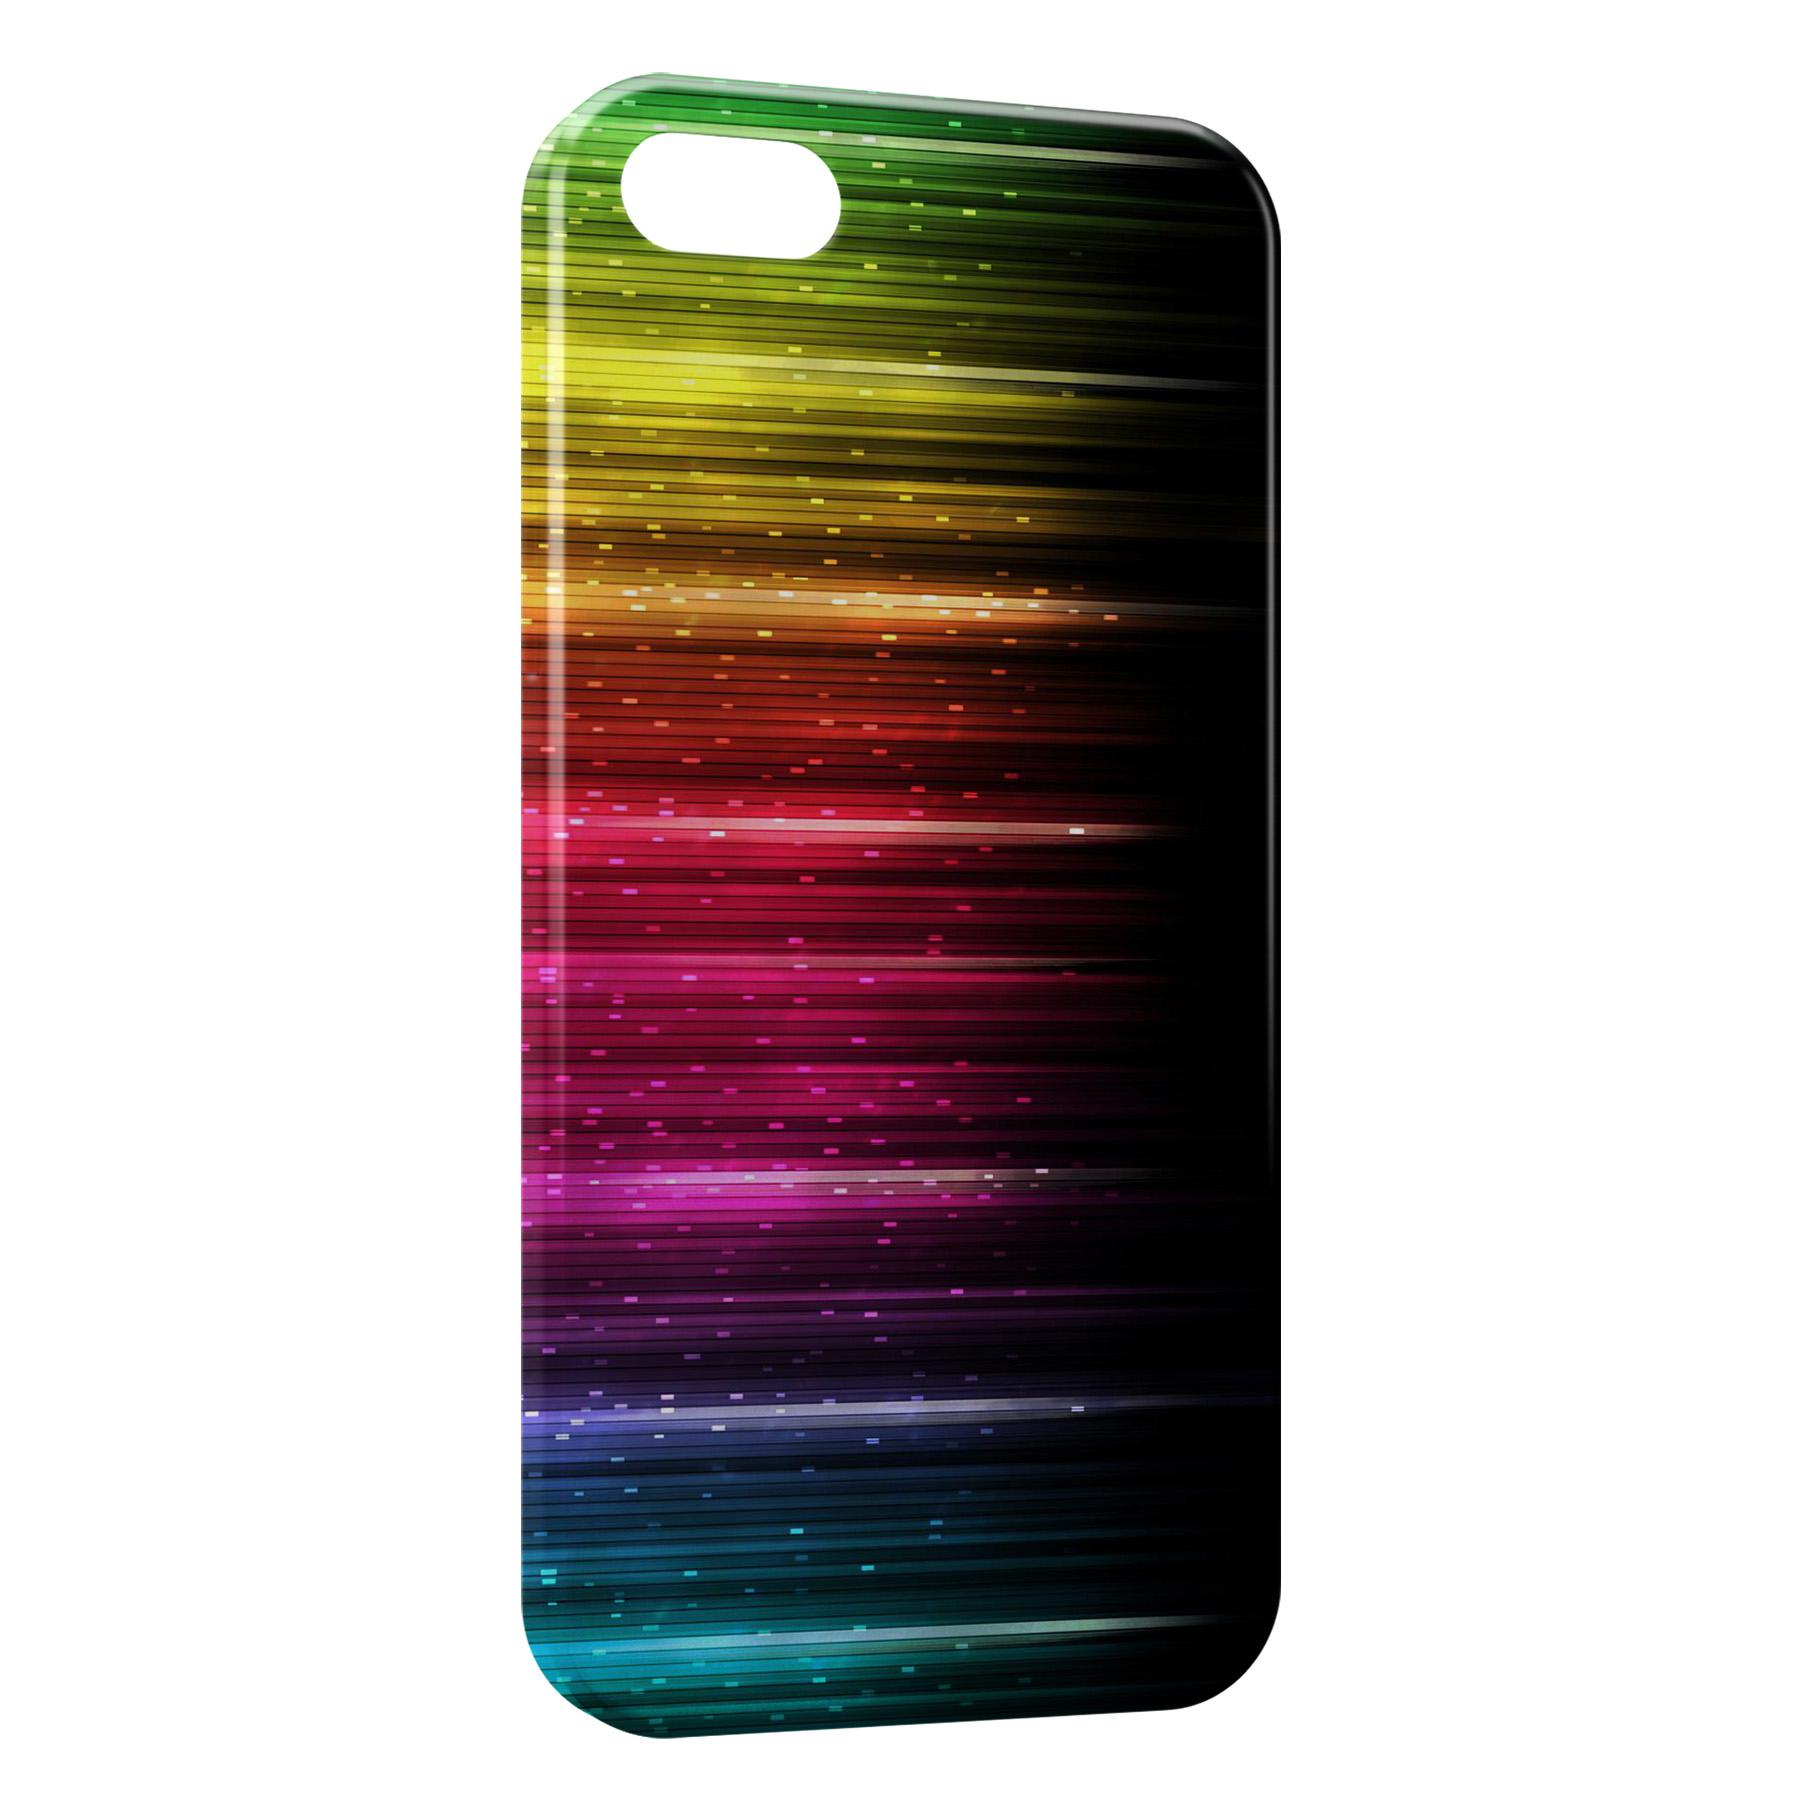 Coque iPhone 6 Plus 6S Plus Multicolor 2